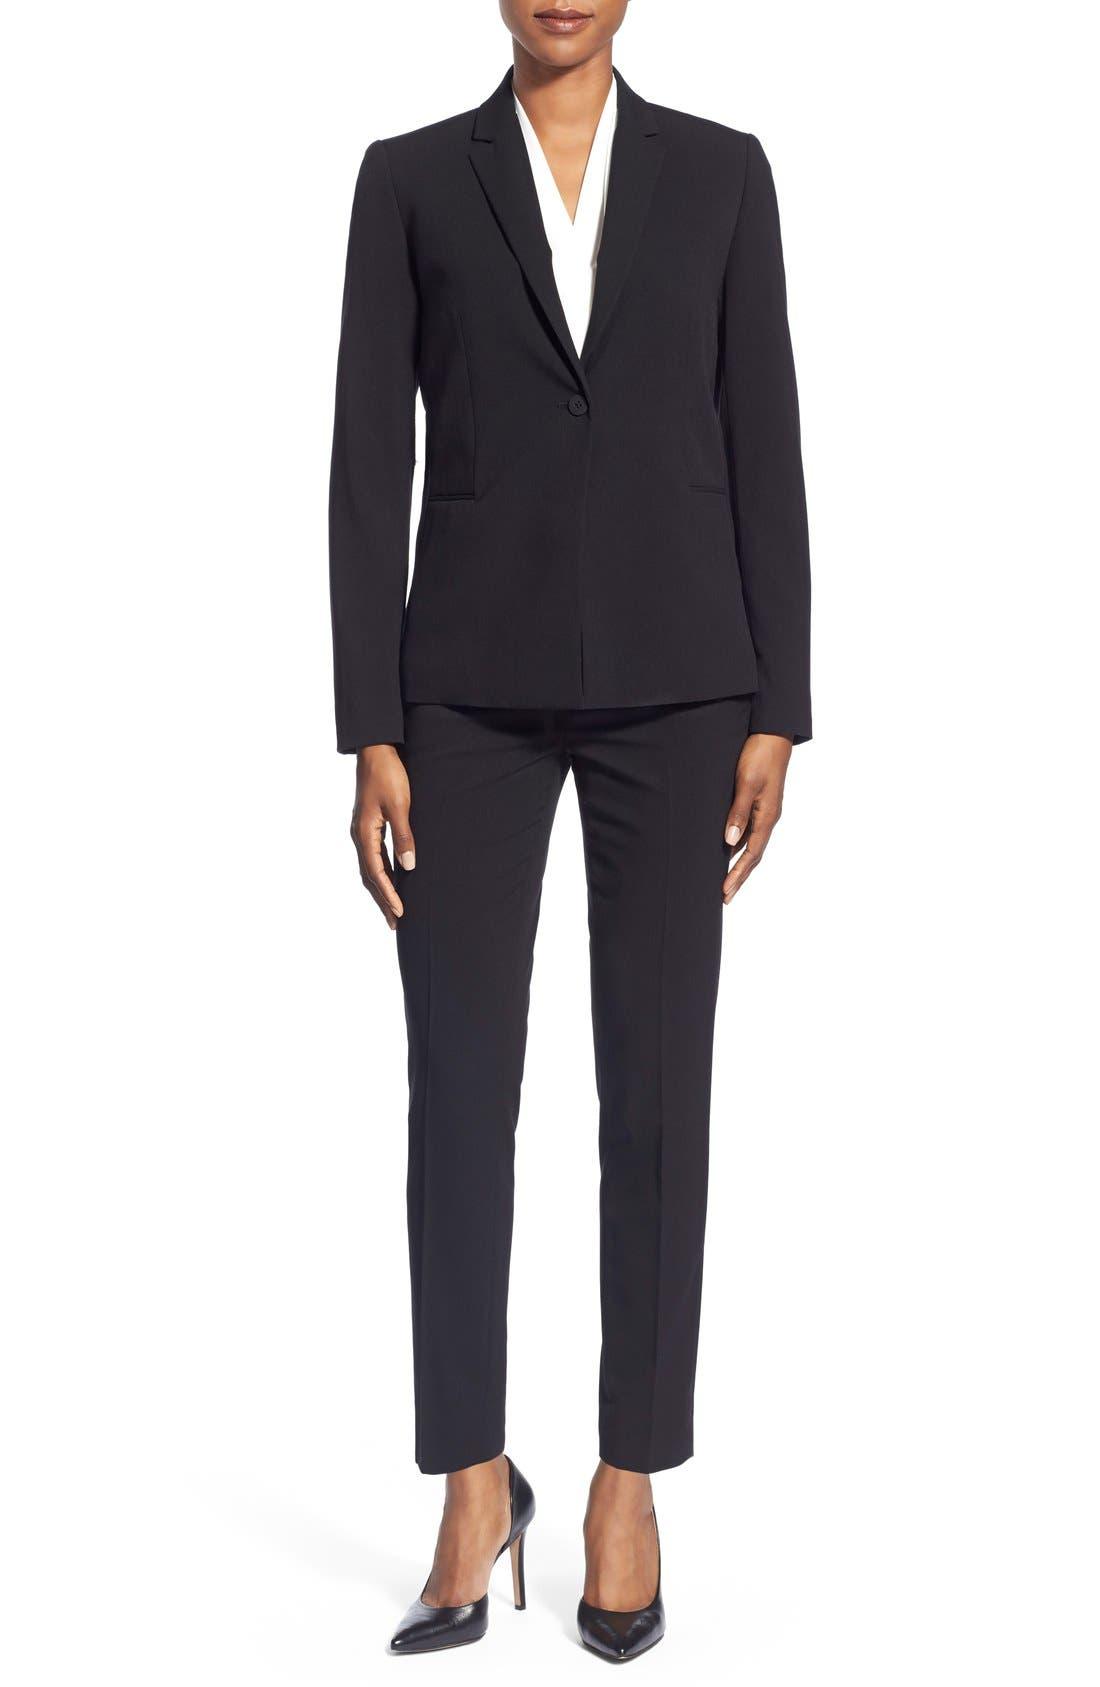 Jolie Stretch Woven Suit Jacket,                             Alternate thumbnail 2, color,                             Black